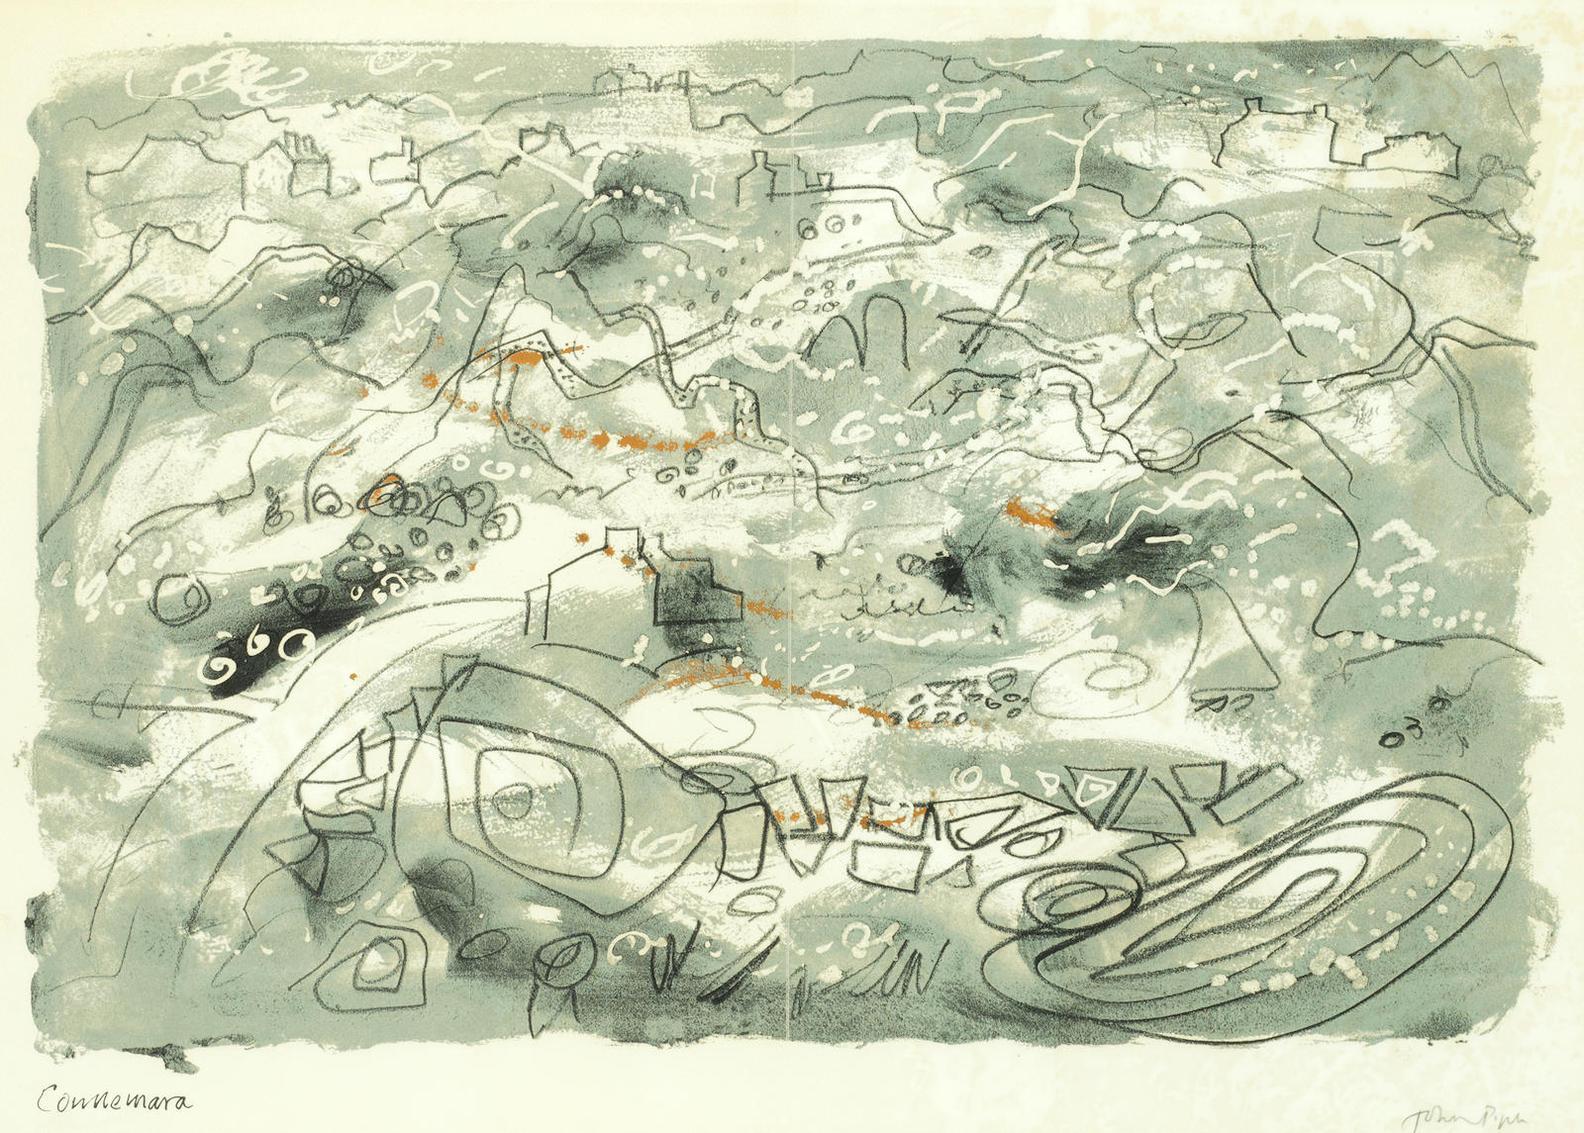 John Piper-Stones And Bones XIV (Levinson 303)-1978